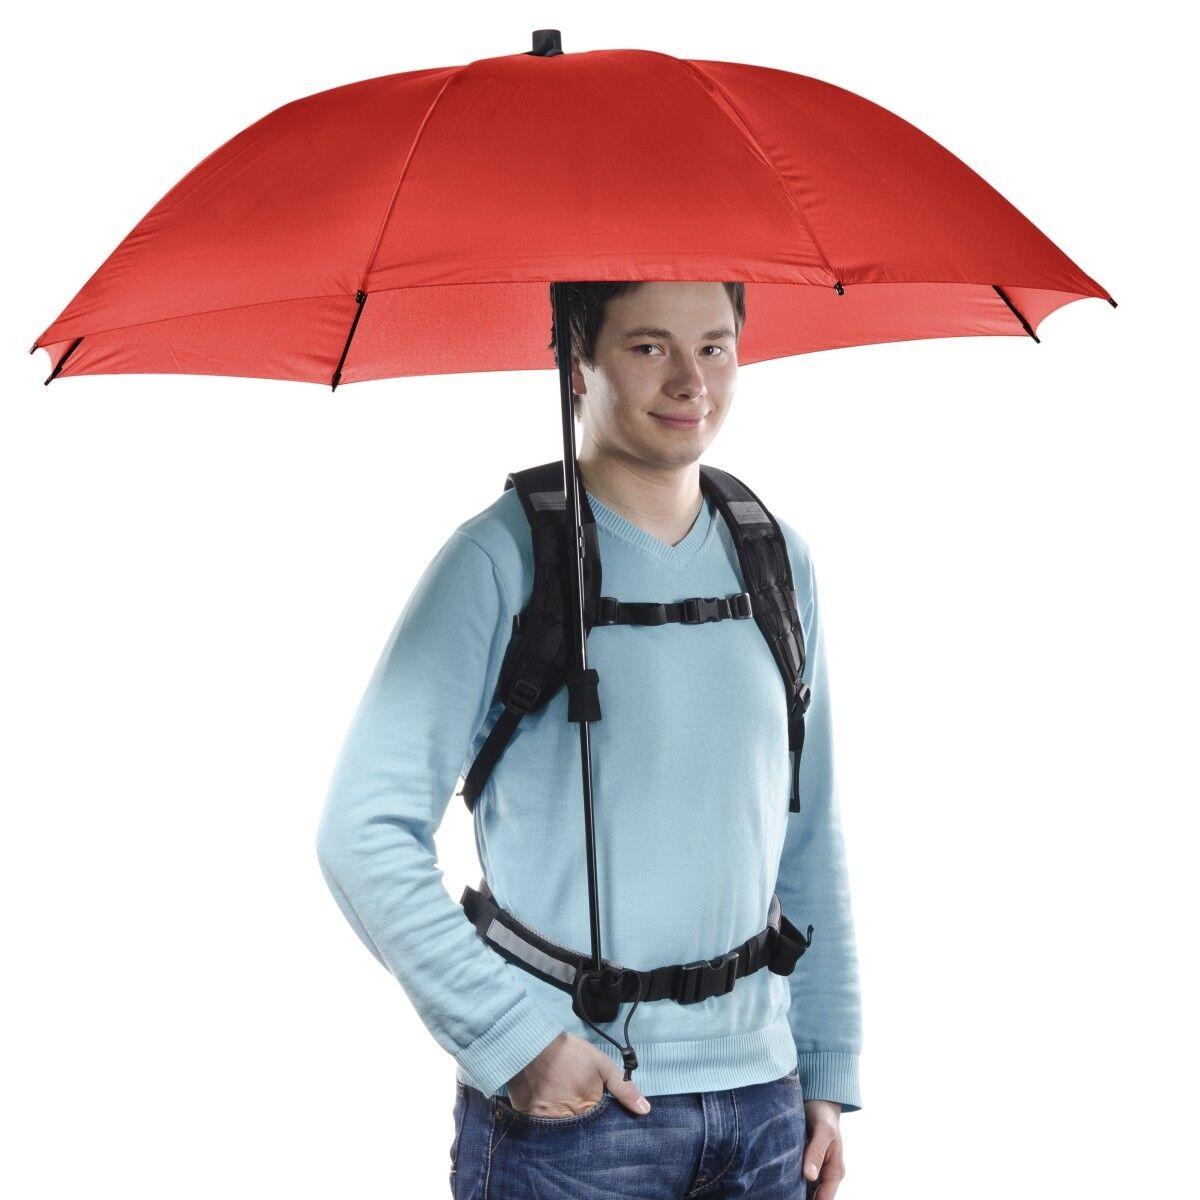 Walimex Pro Swing Hegratuito ombrello a uomoo libera ombrello rosso con supporto per il trasporto